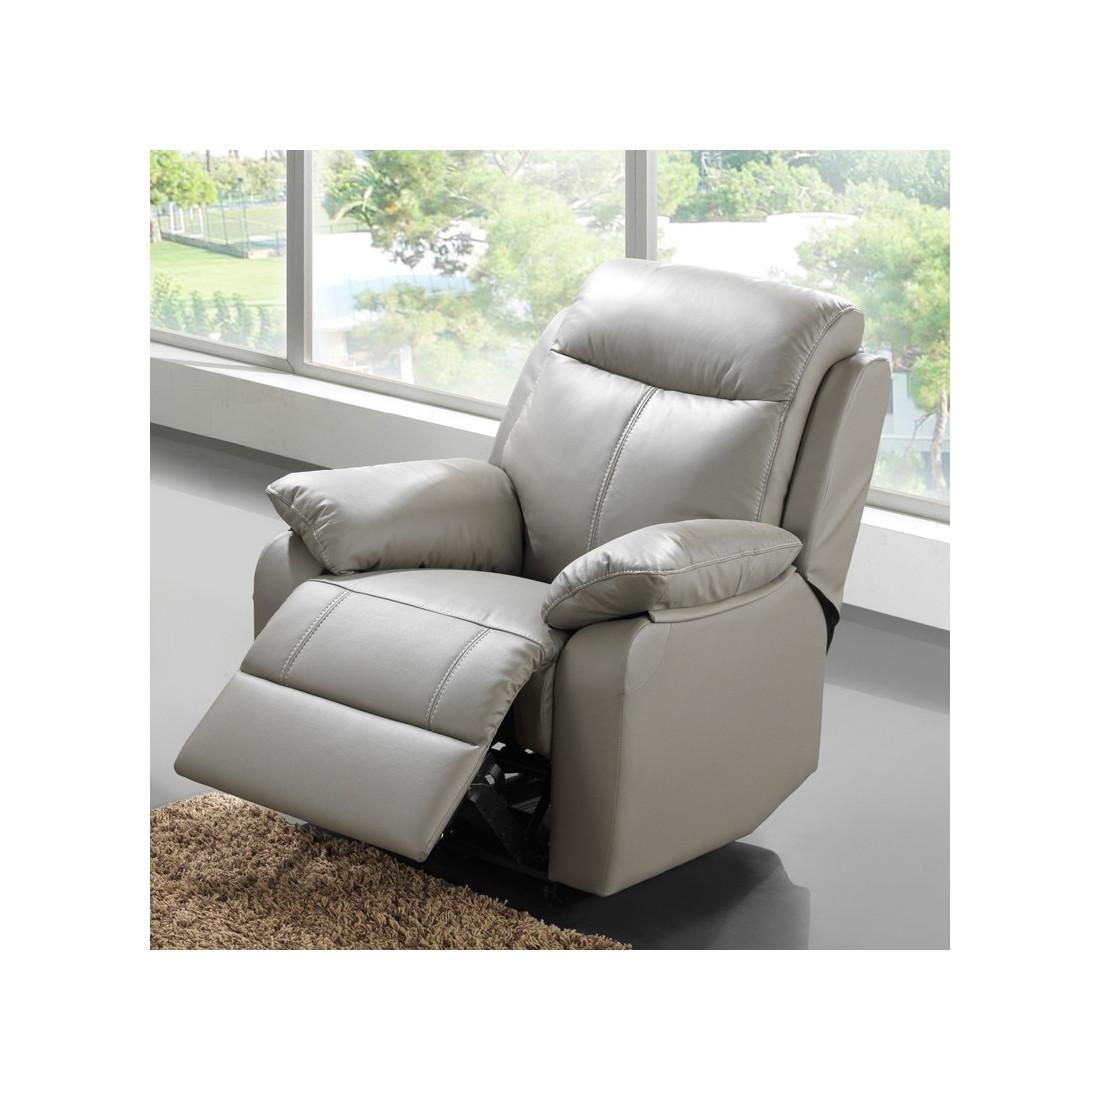 fauteuil relax lectrique cuir vyctoire univers des assises tousmesmeubles. Black Bedroom Furniture Sets. Home Design Ideas